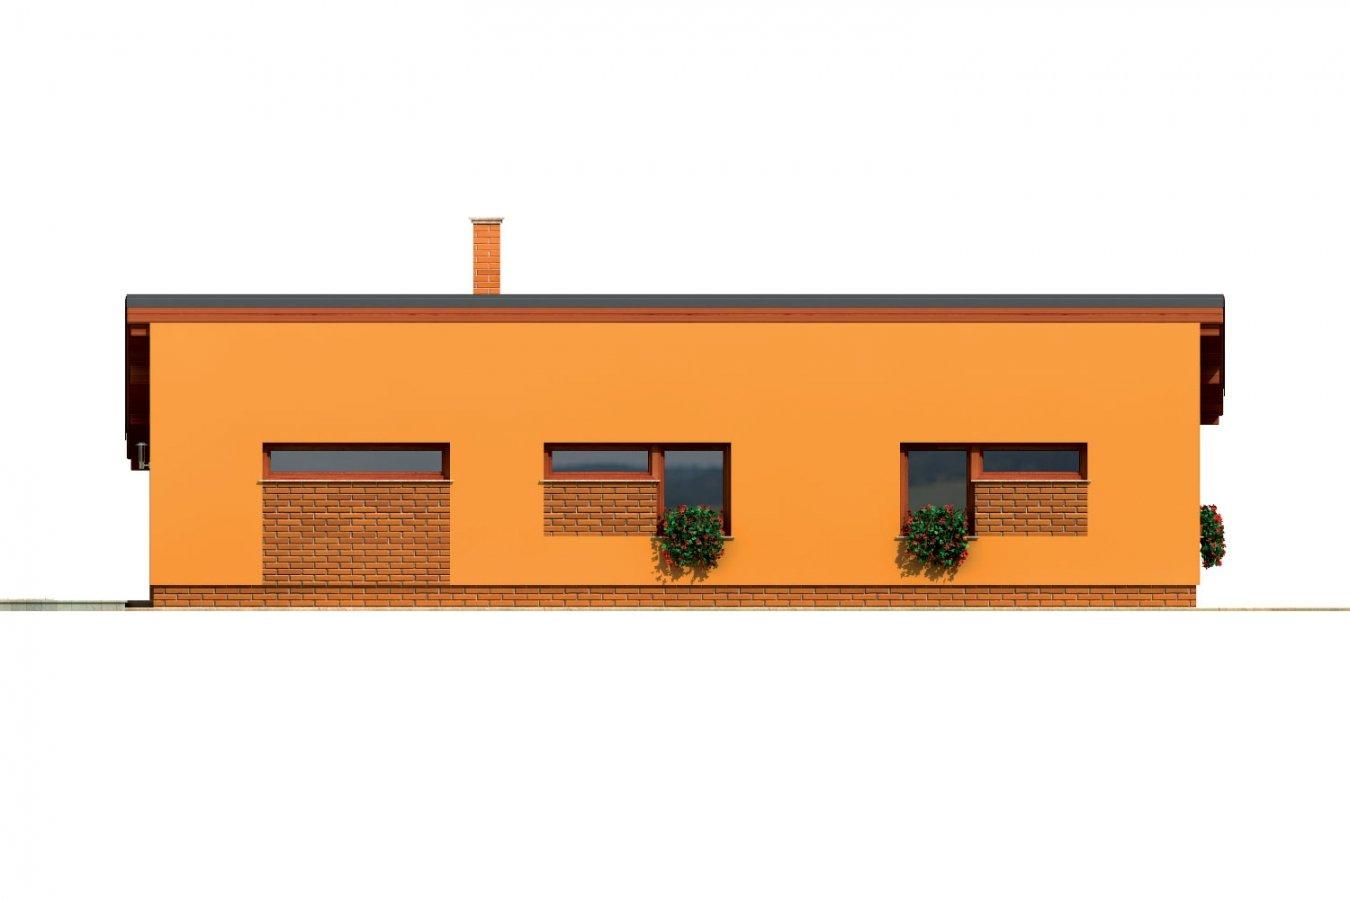 Pohľad 2. - Úzky moderný rodinný domček pre mladých.